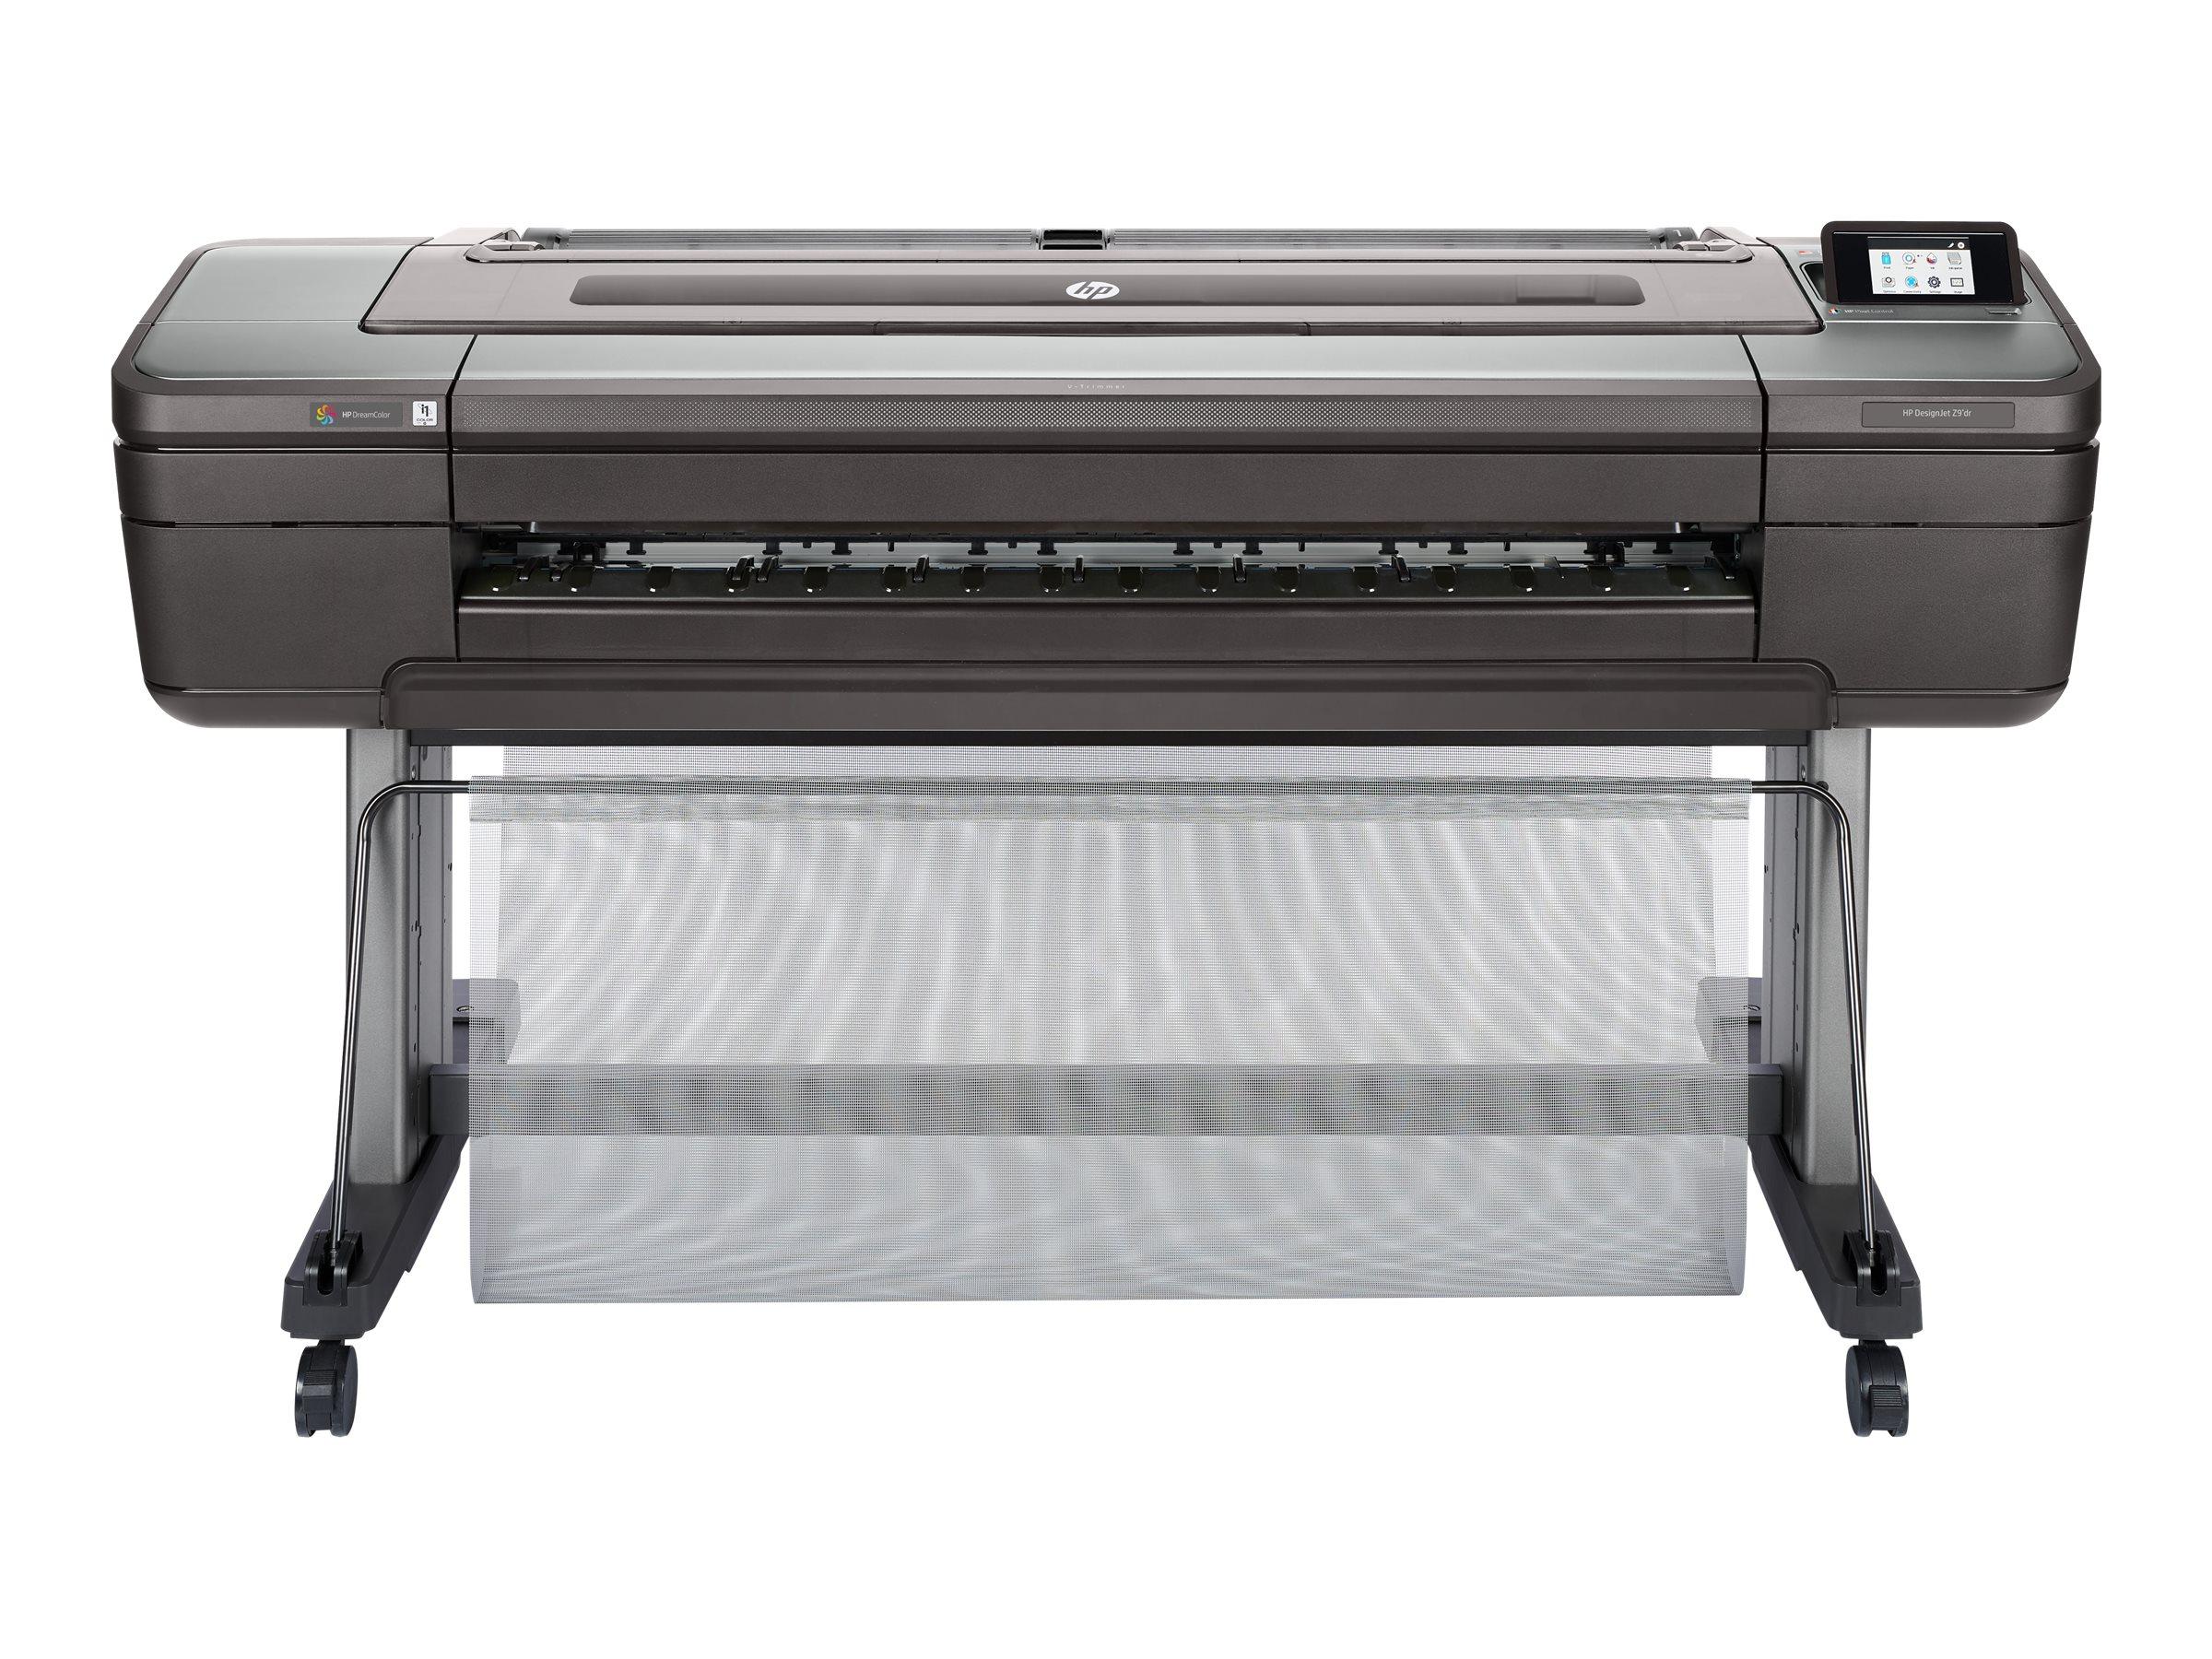 Hp 4560 printer Manual